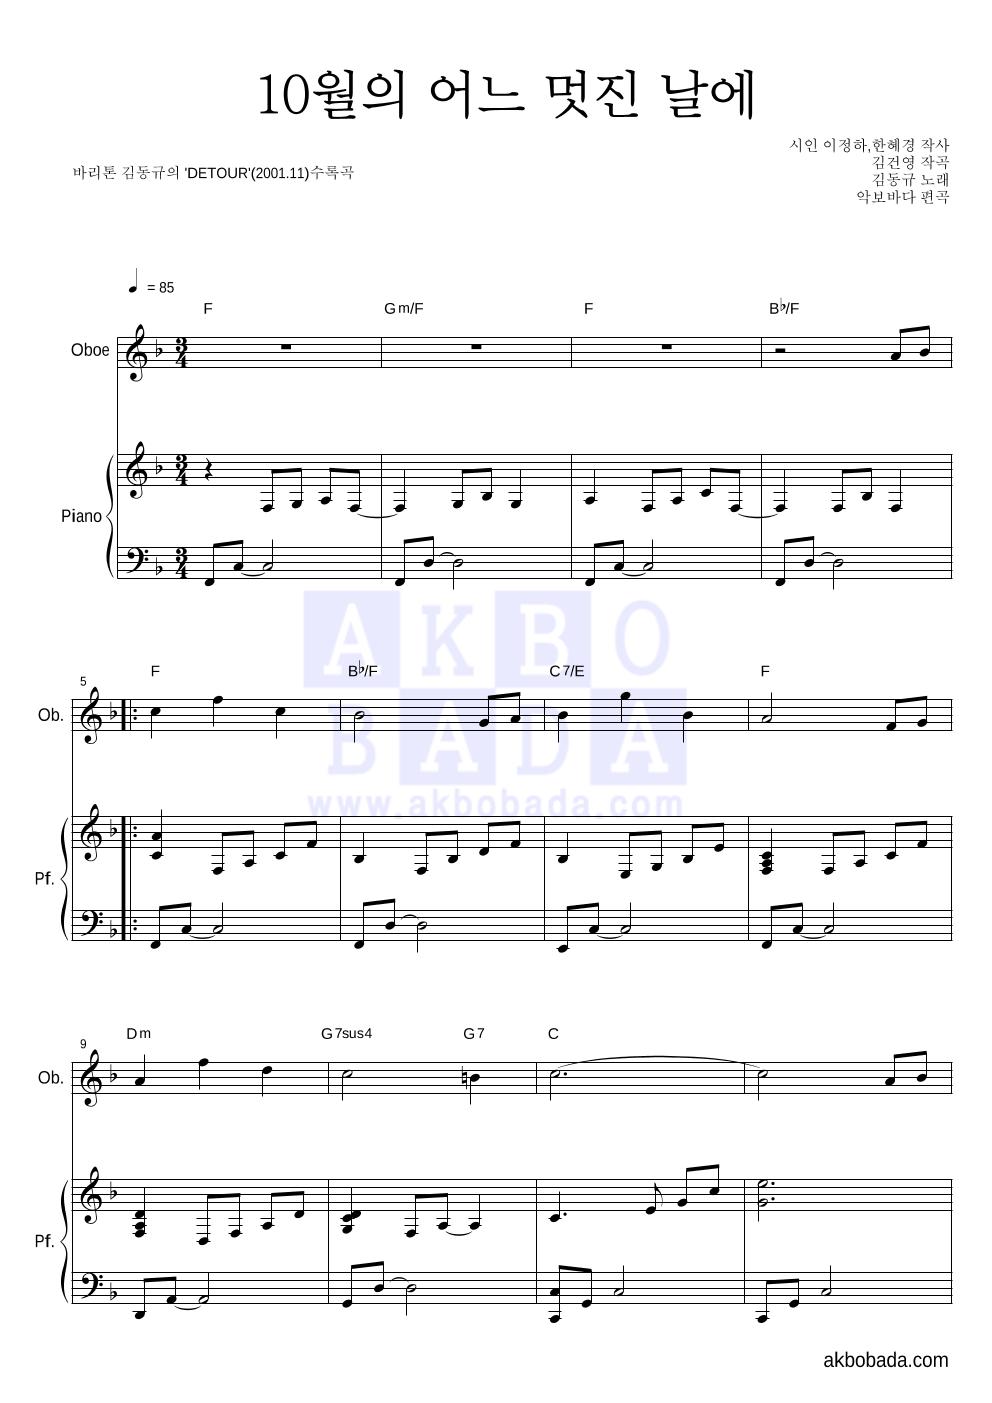 오보에&피아노 악보